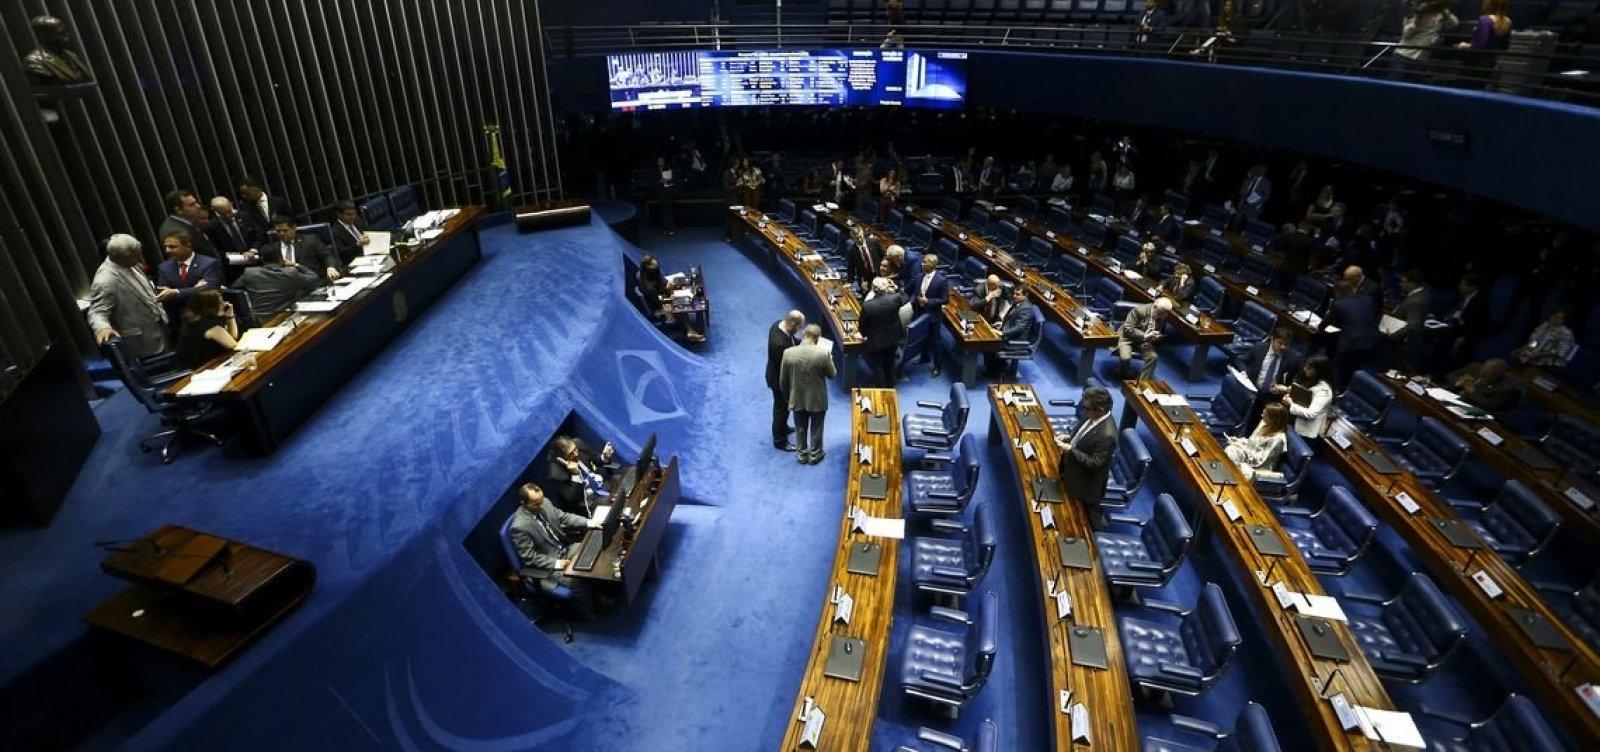 Reforma da Previdência: Senado vota proposta em segundo turno nesta terça